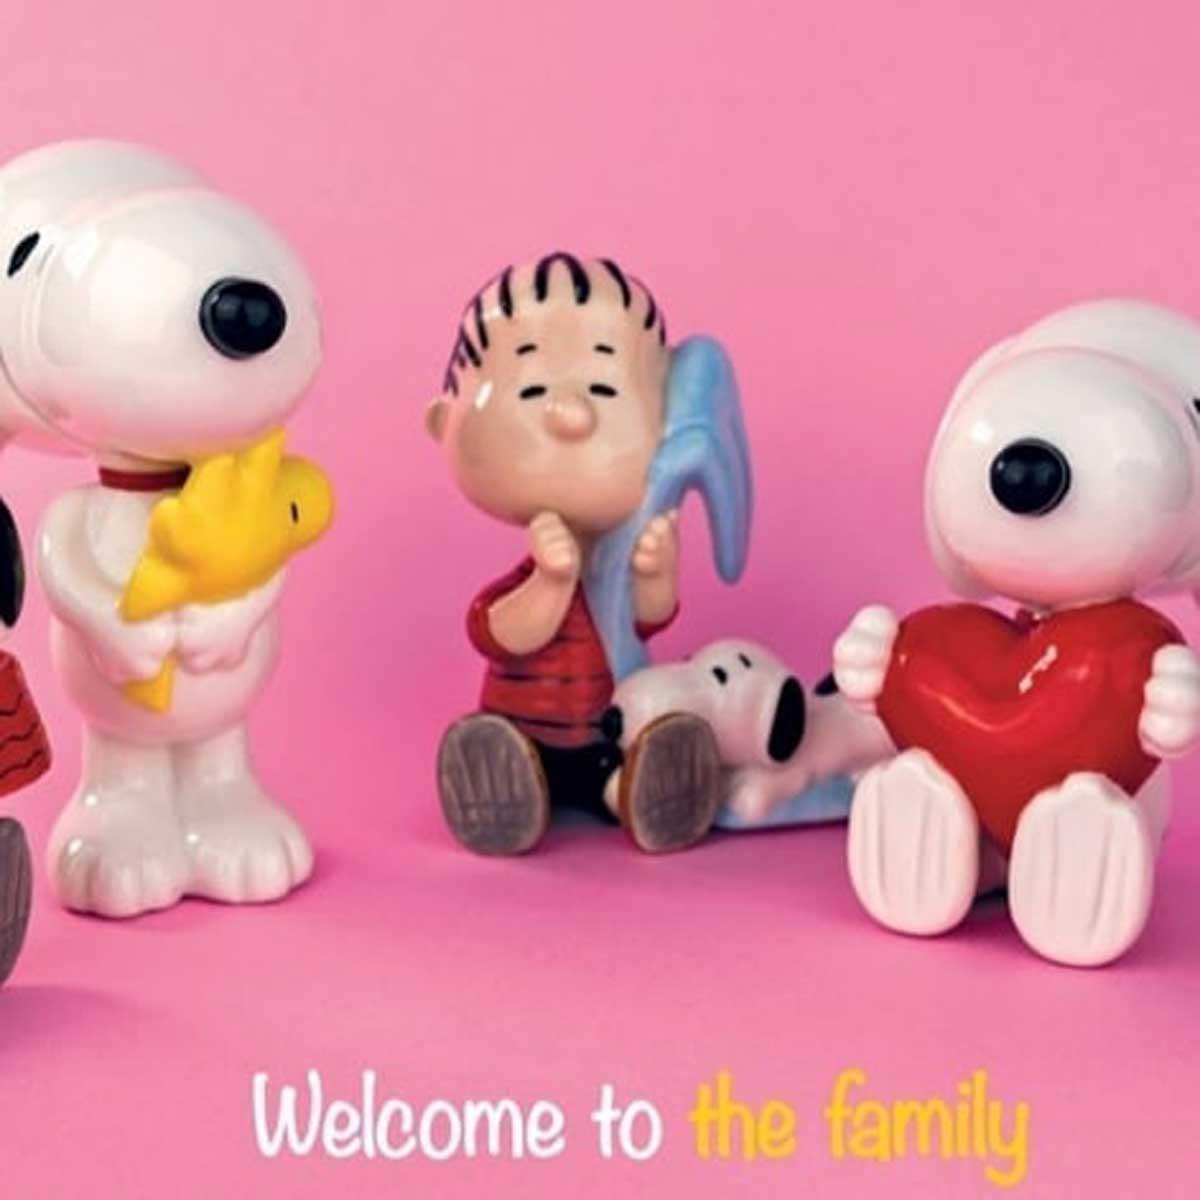 Sono arrivati i #peanutsitalia in porcellana!